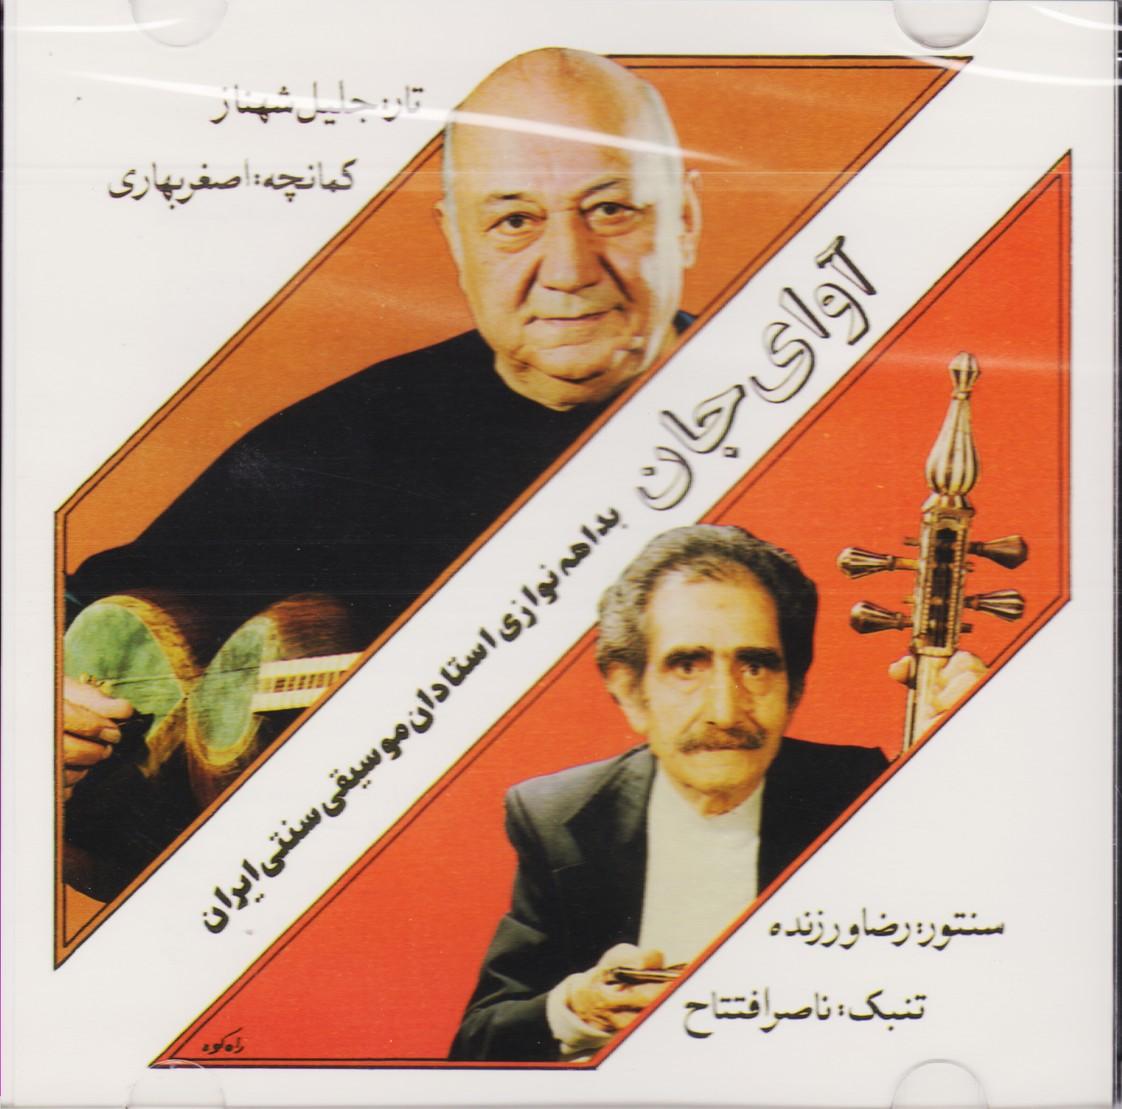 آوای جان: بداهه نوازی استادان موسیقی سنتی ایران